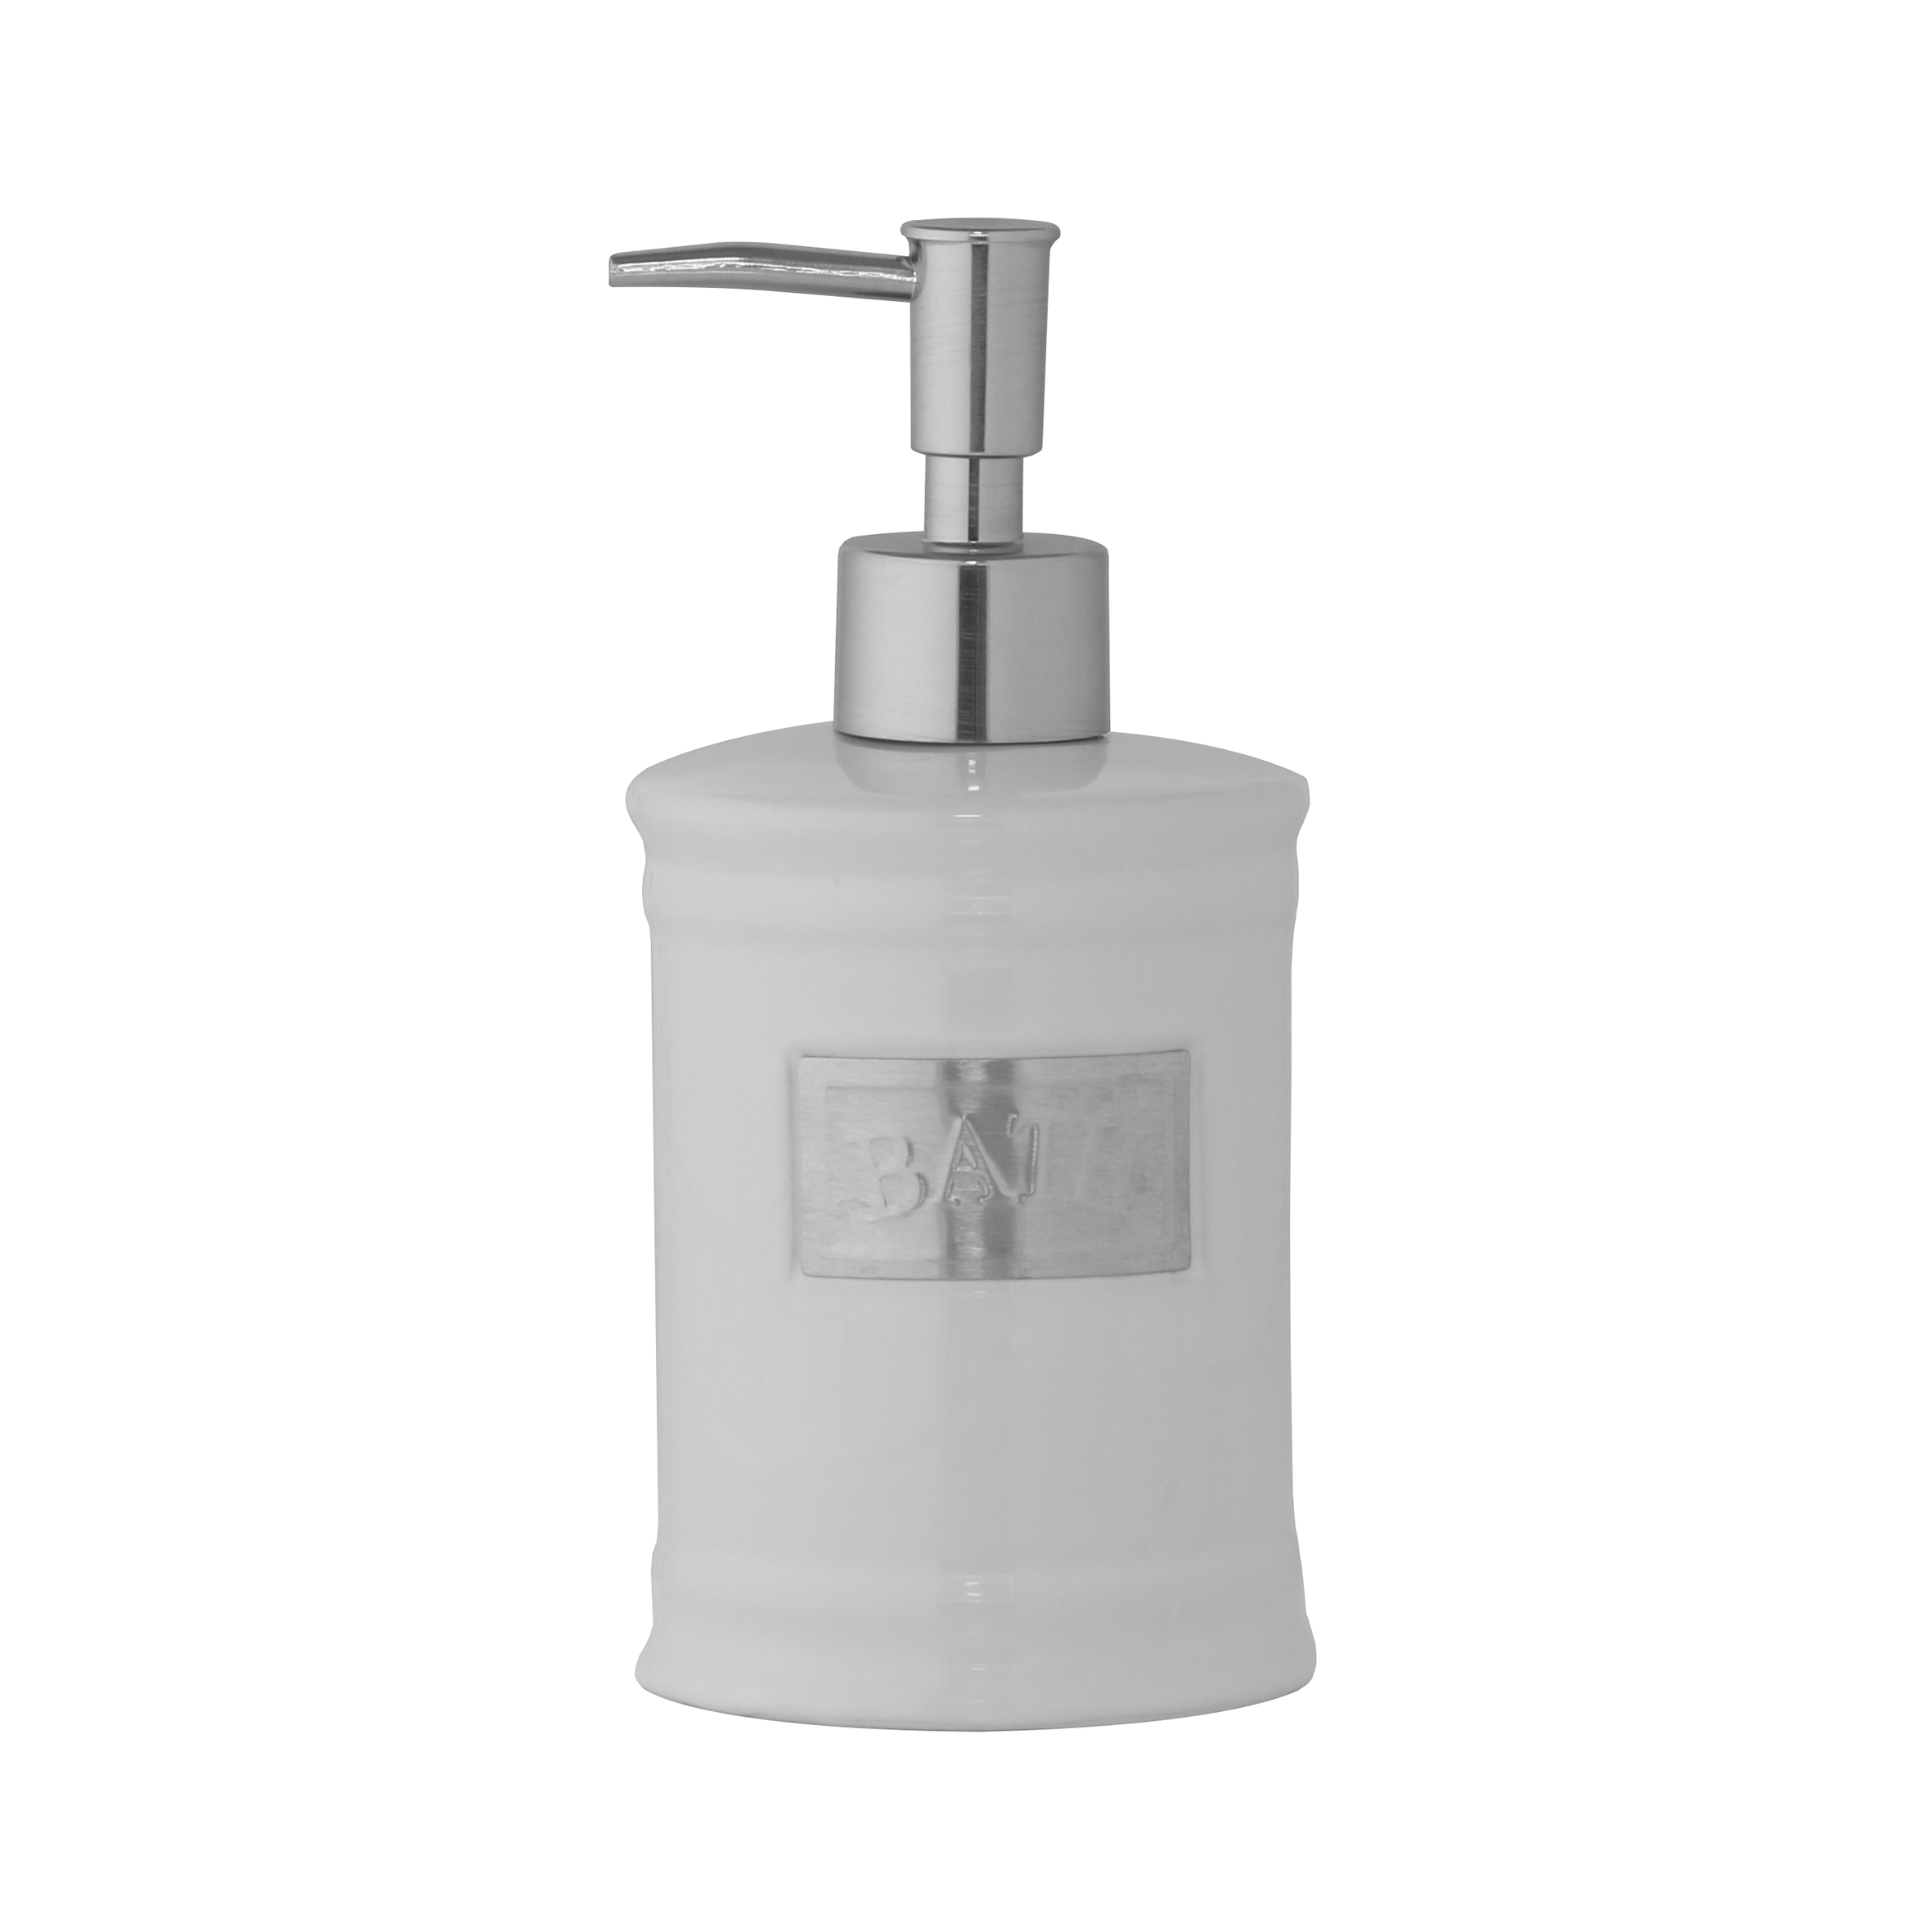 Дозатор для жидкого мыла Axentia Lyon122426Дозатор для жидкого мыла Axentia Lyon изготовлен из белоснежной керамики с элементами из нержавеющей стали в античном стиле. Изделие прекрасно дополнит интерьер вашей ванной комнаты или кухни.Высота дозатора: 18 см.